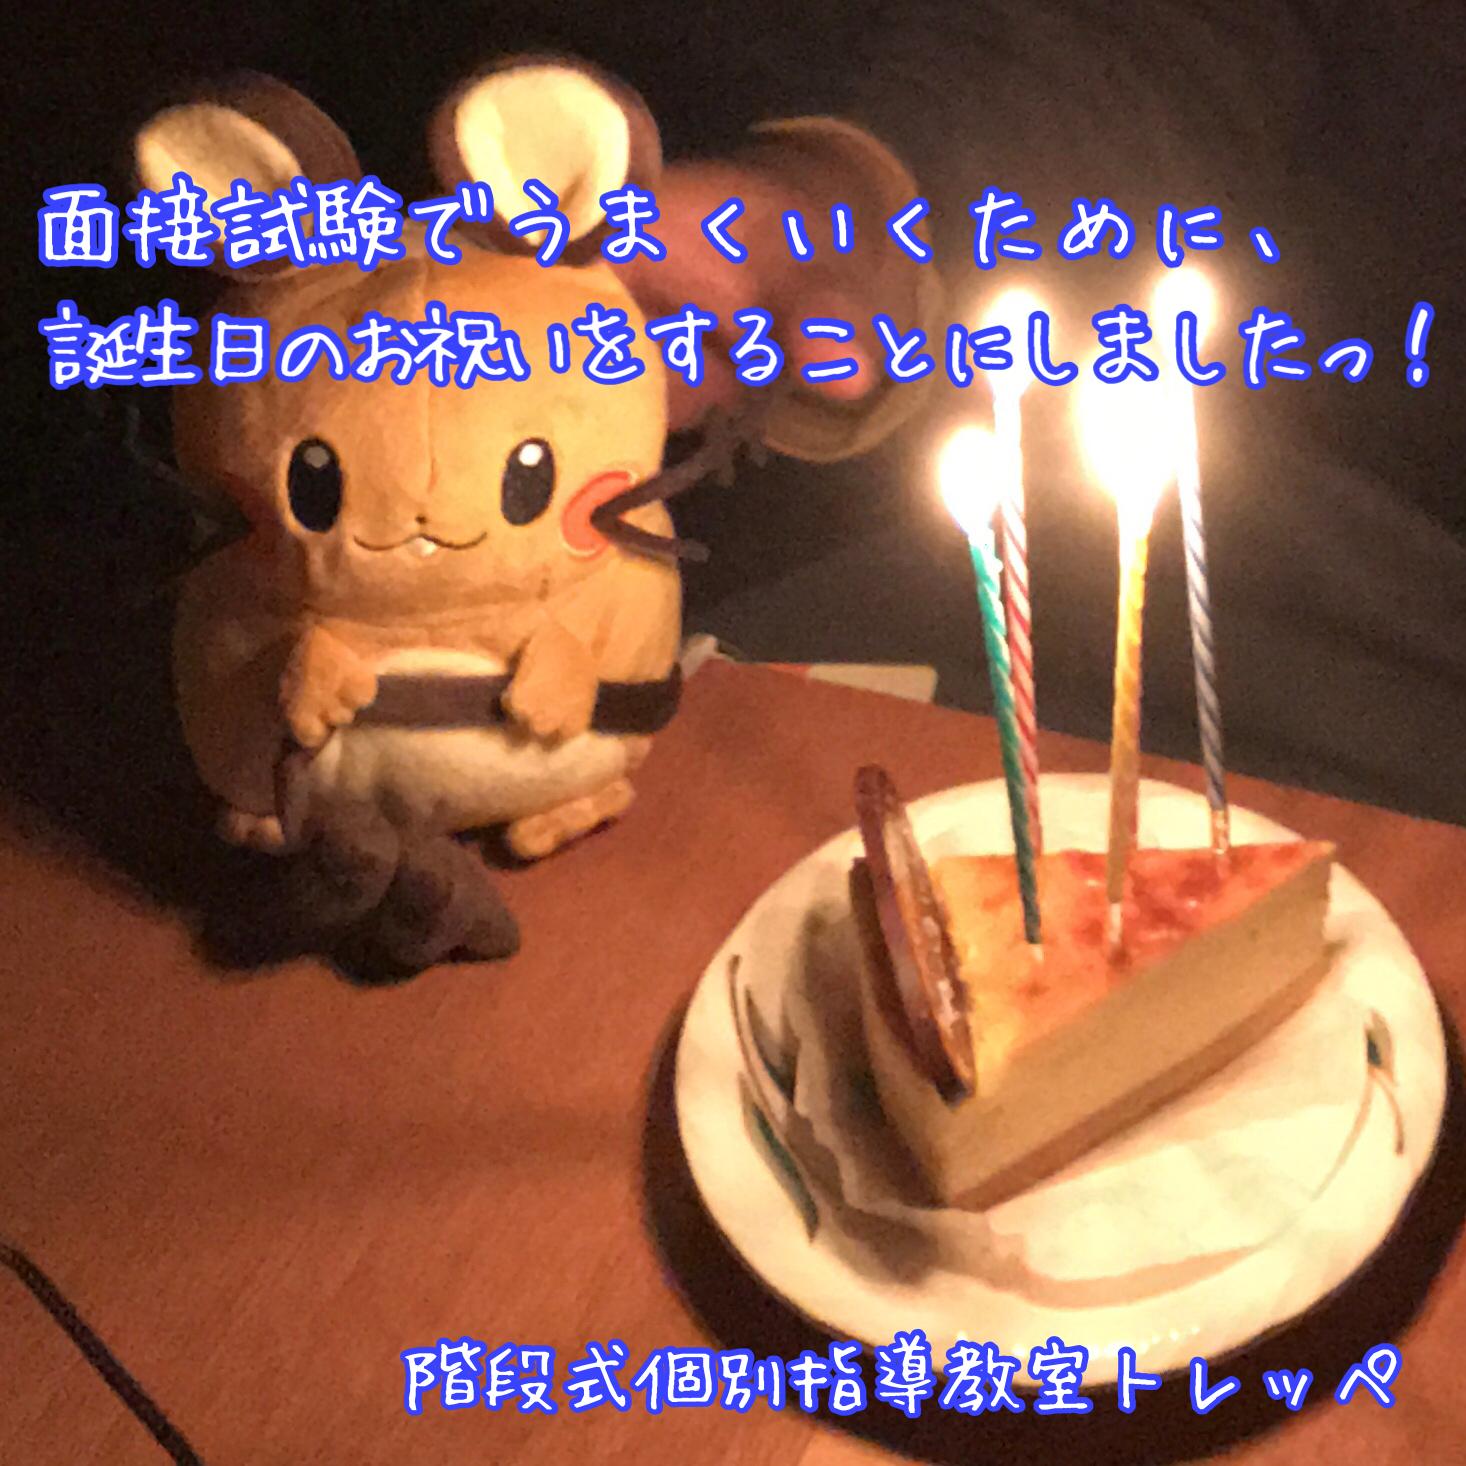 面接試験でうまくいくために、誕生日のお祝いをすることにしましたっ!【高校受験】【トレッペの勉強のこと】